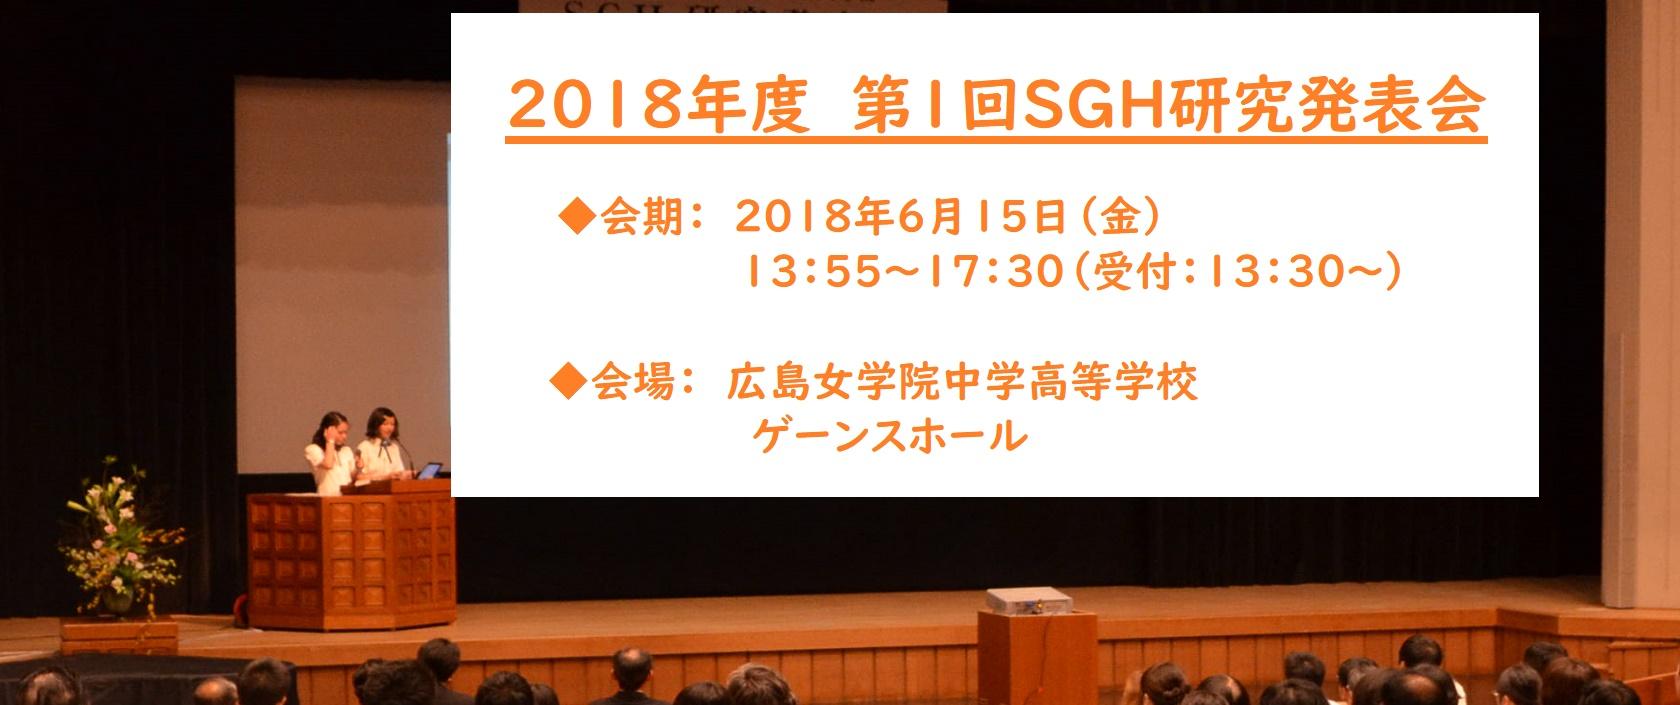 SGH研究会